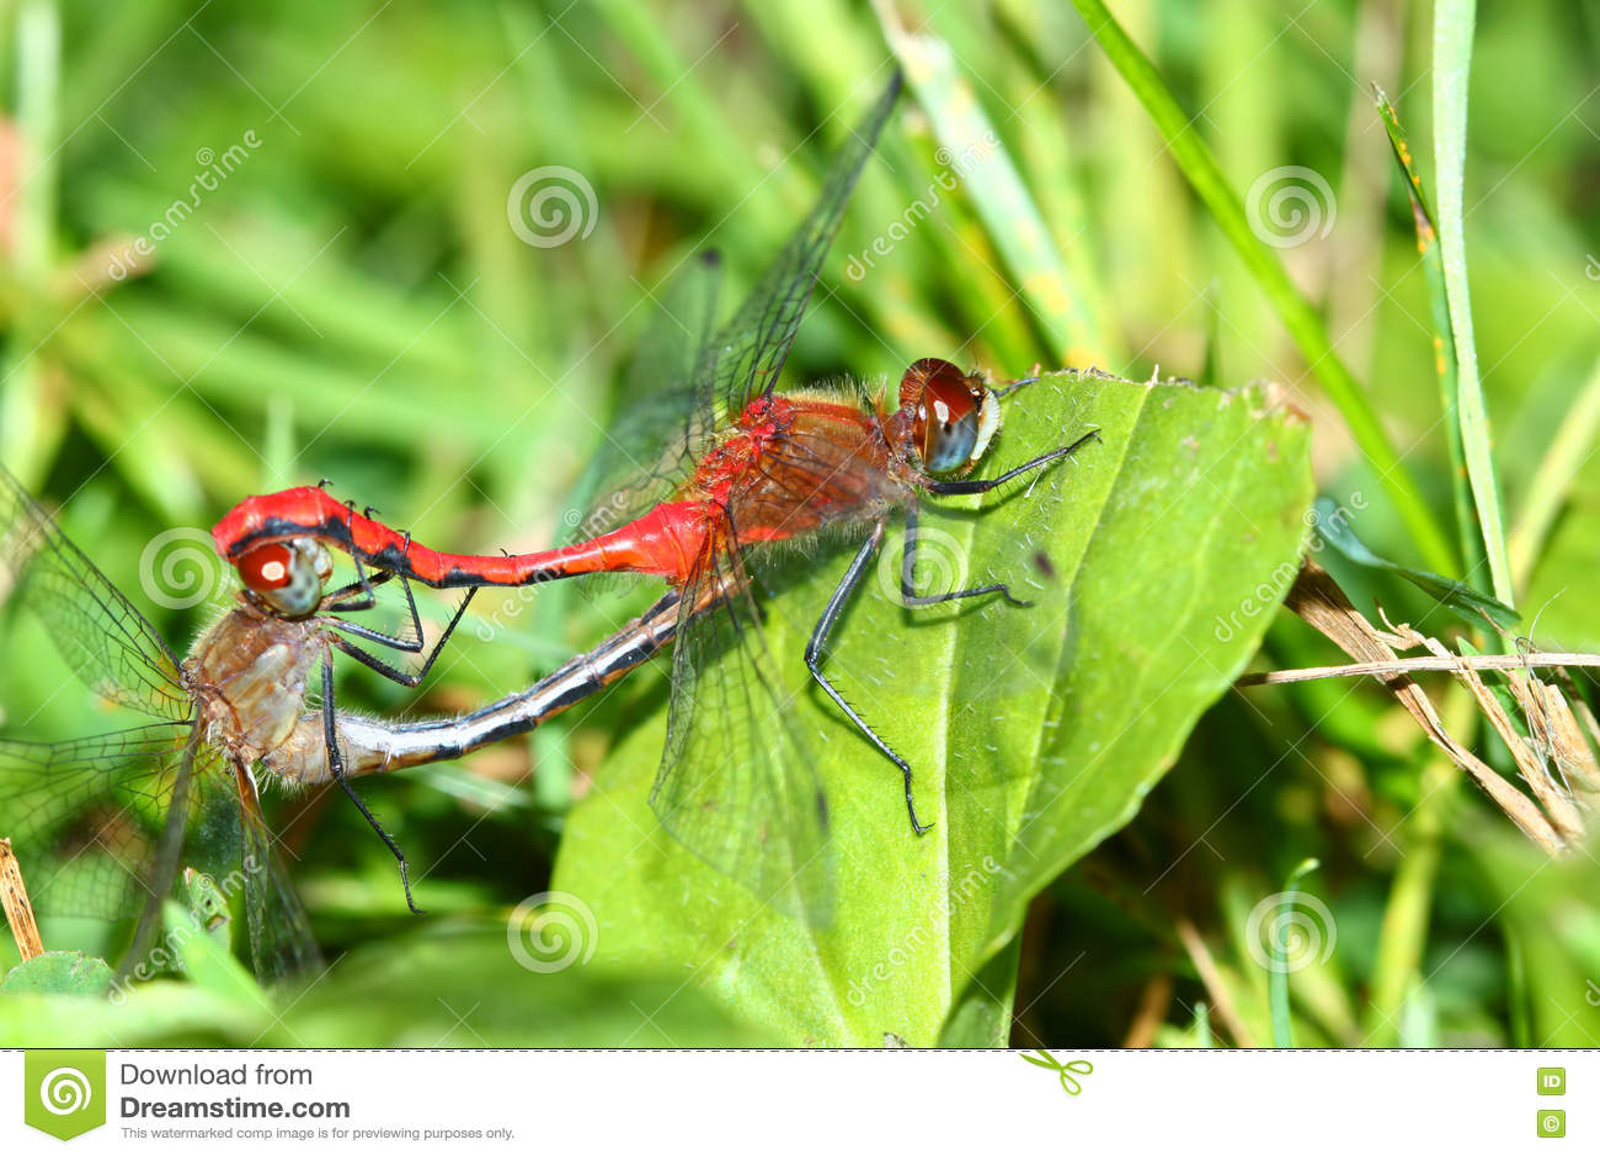 Stawiający czoło Meadowhawk Sympetrum obtrusum